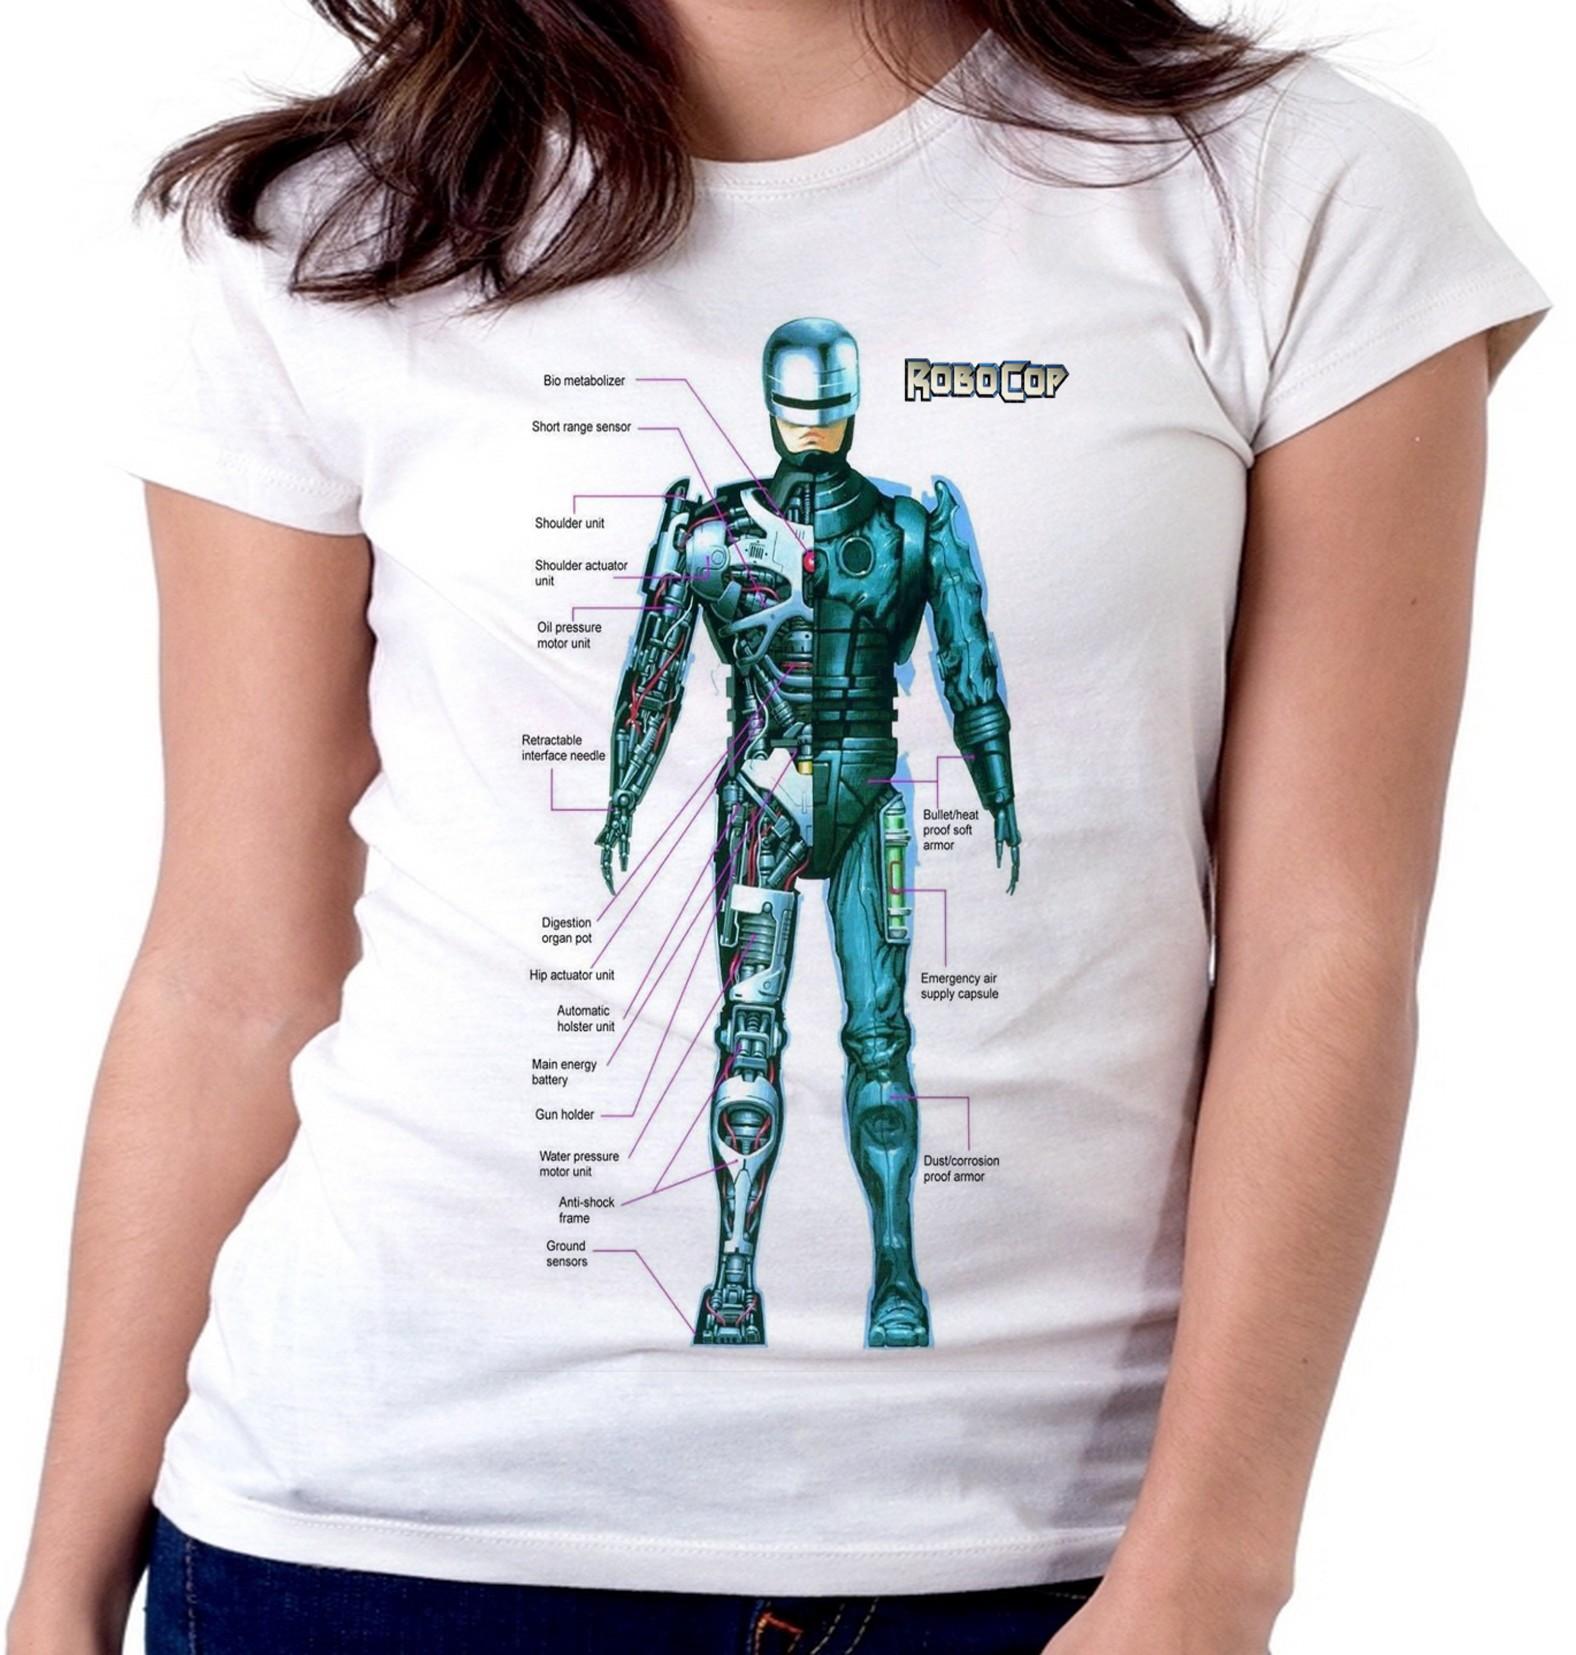 07e7d31bd2 blusa feminina baby look Robocop policia arma armadura no Elo7 ...